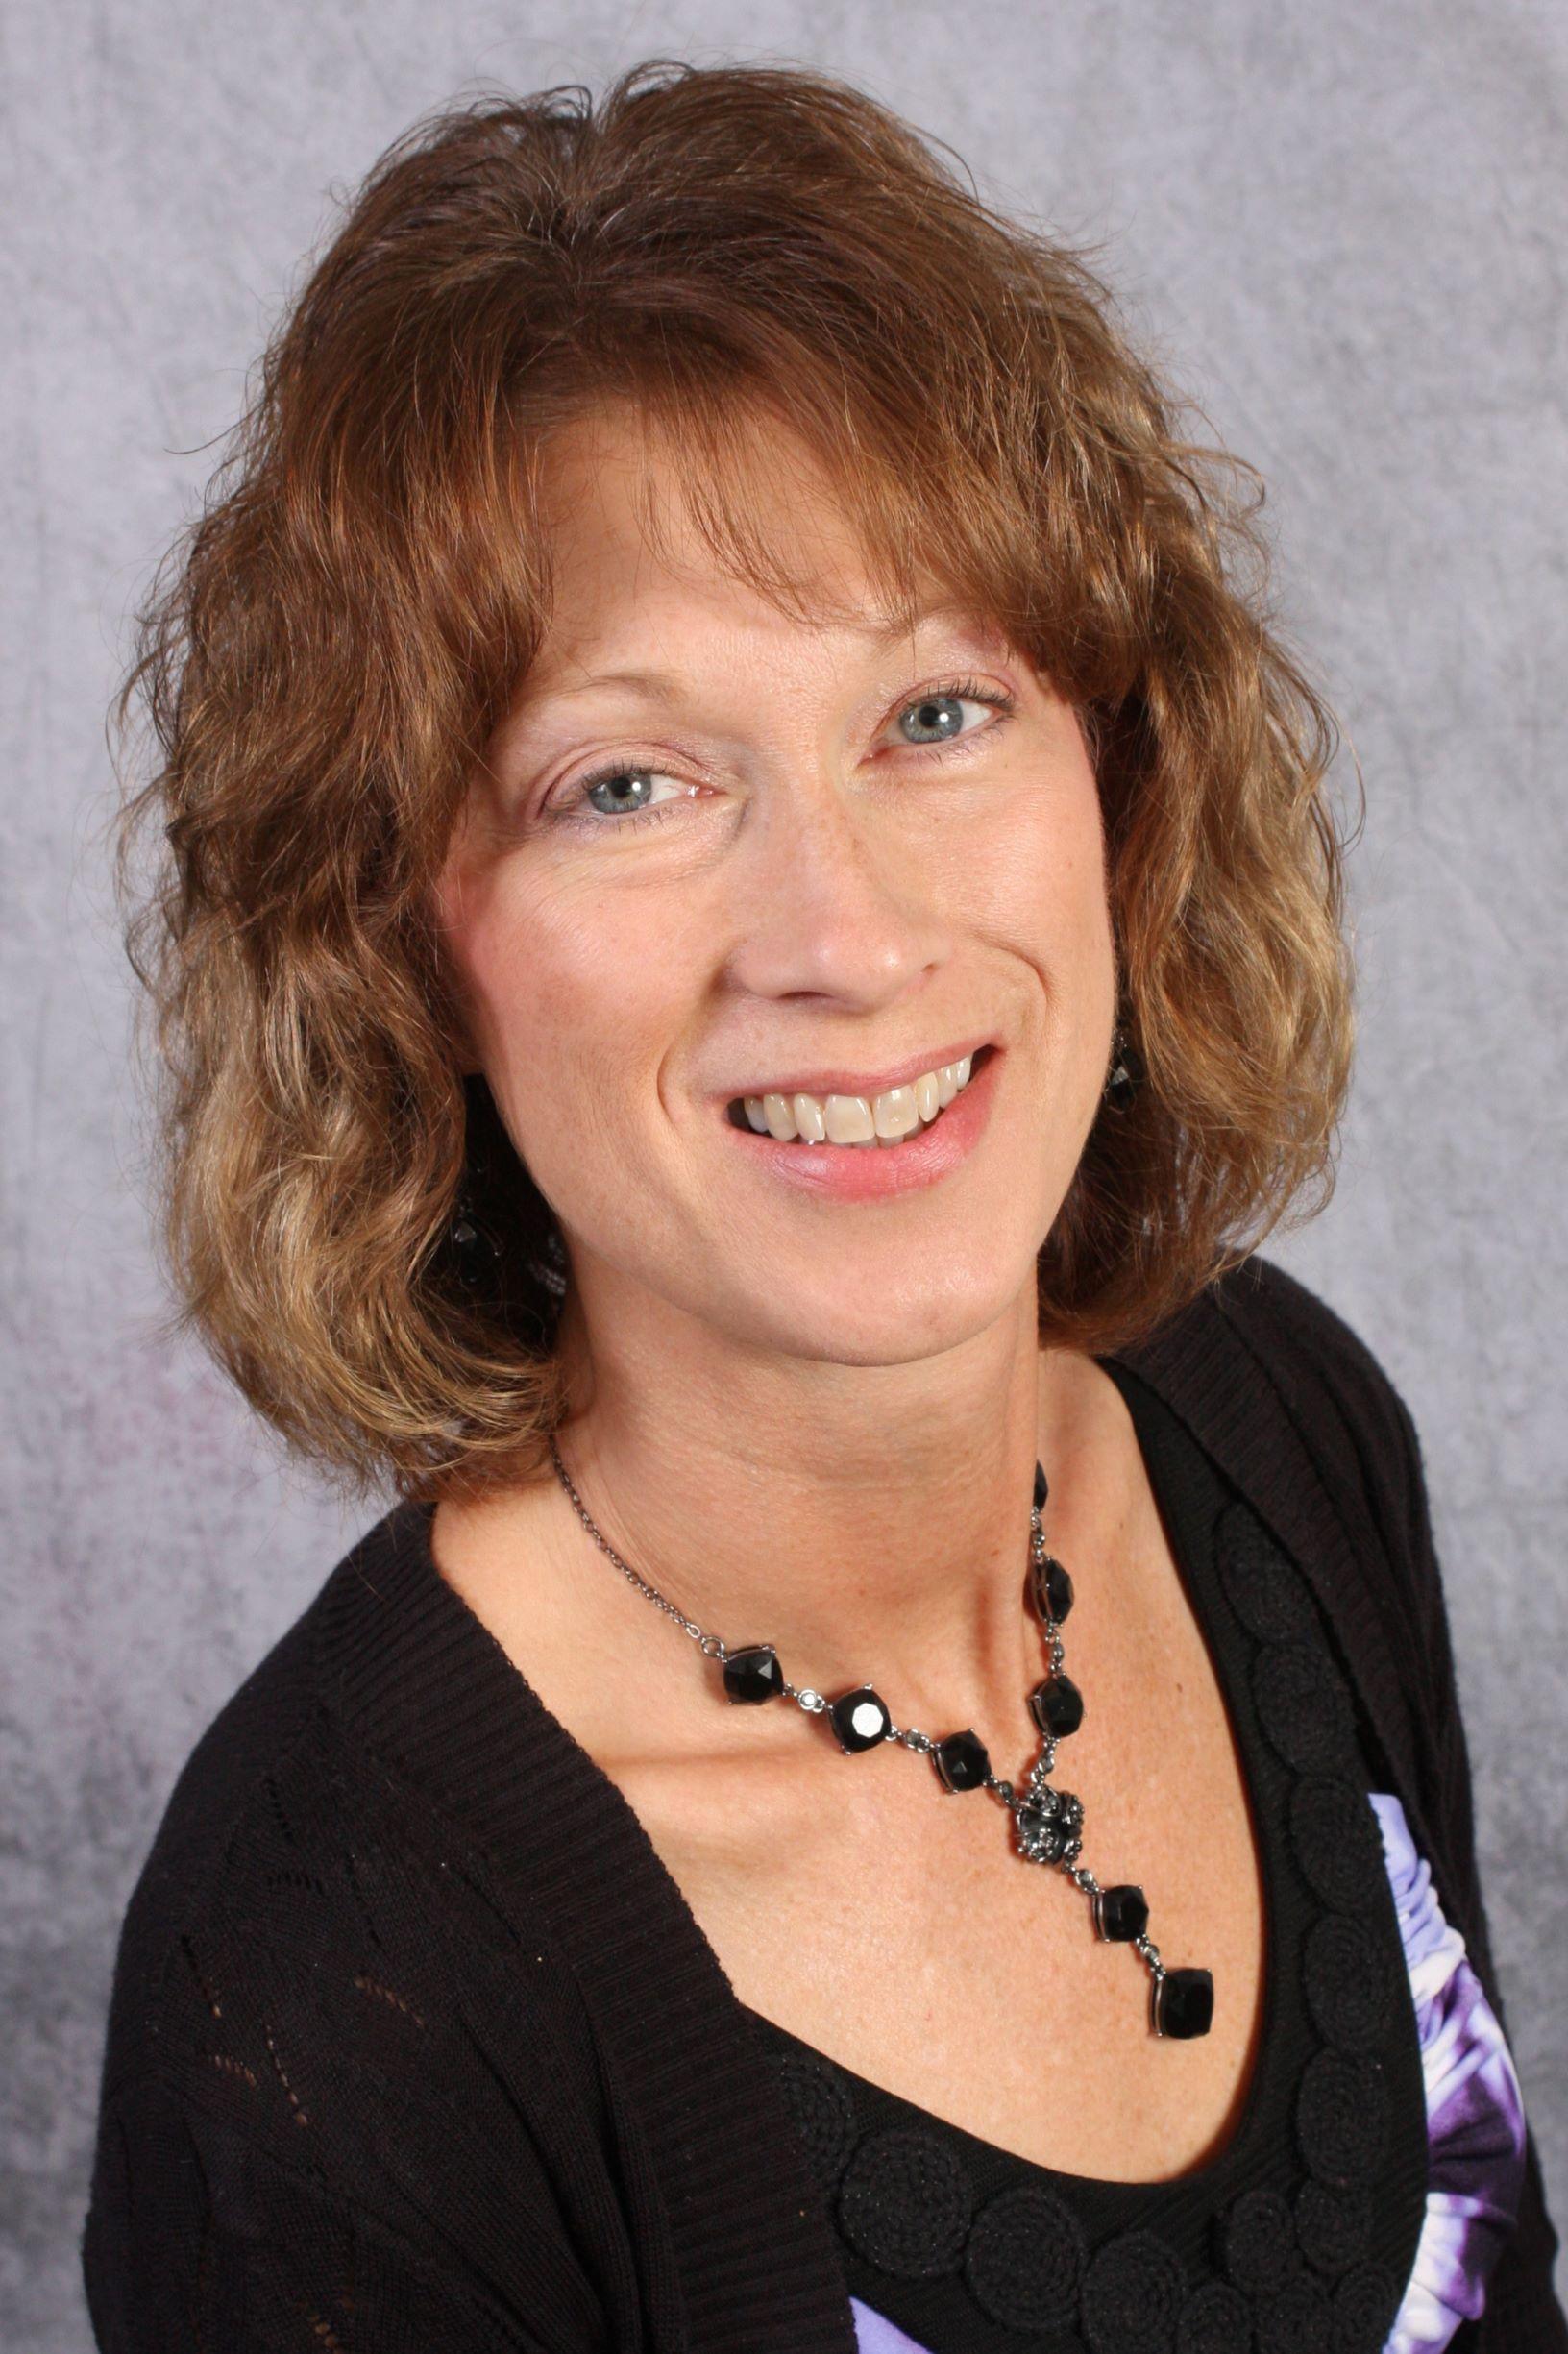 Lynette Huber